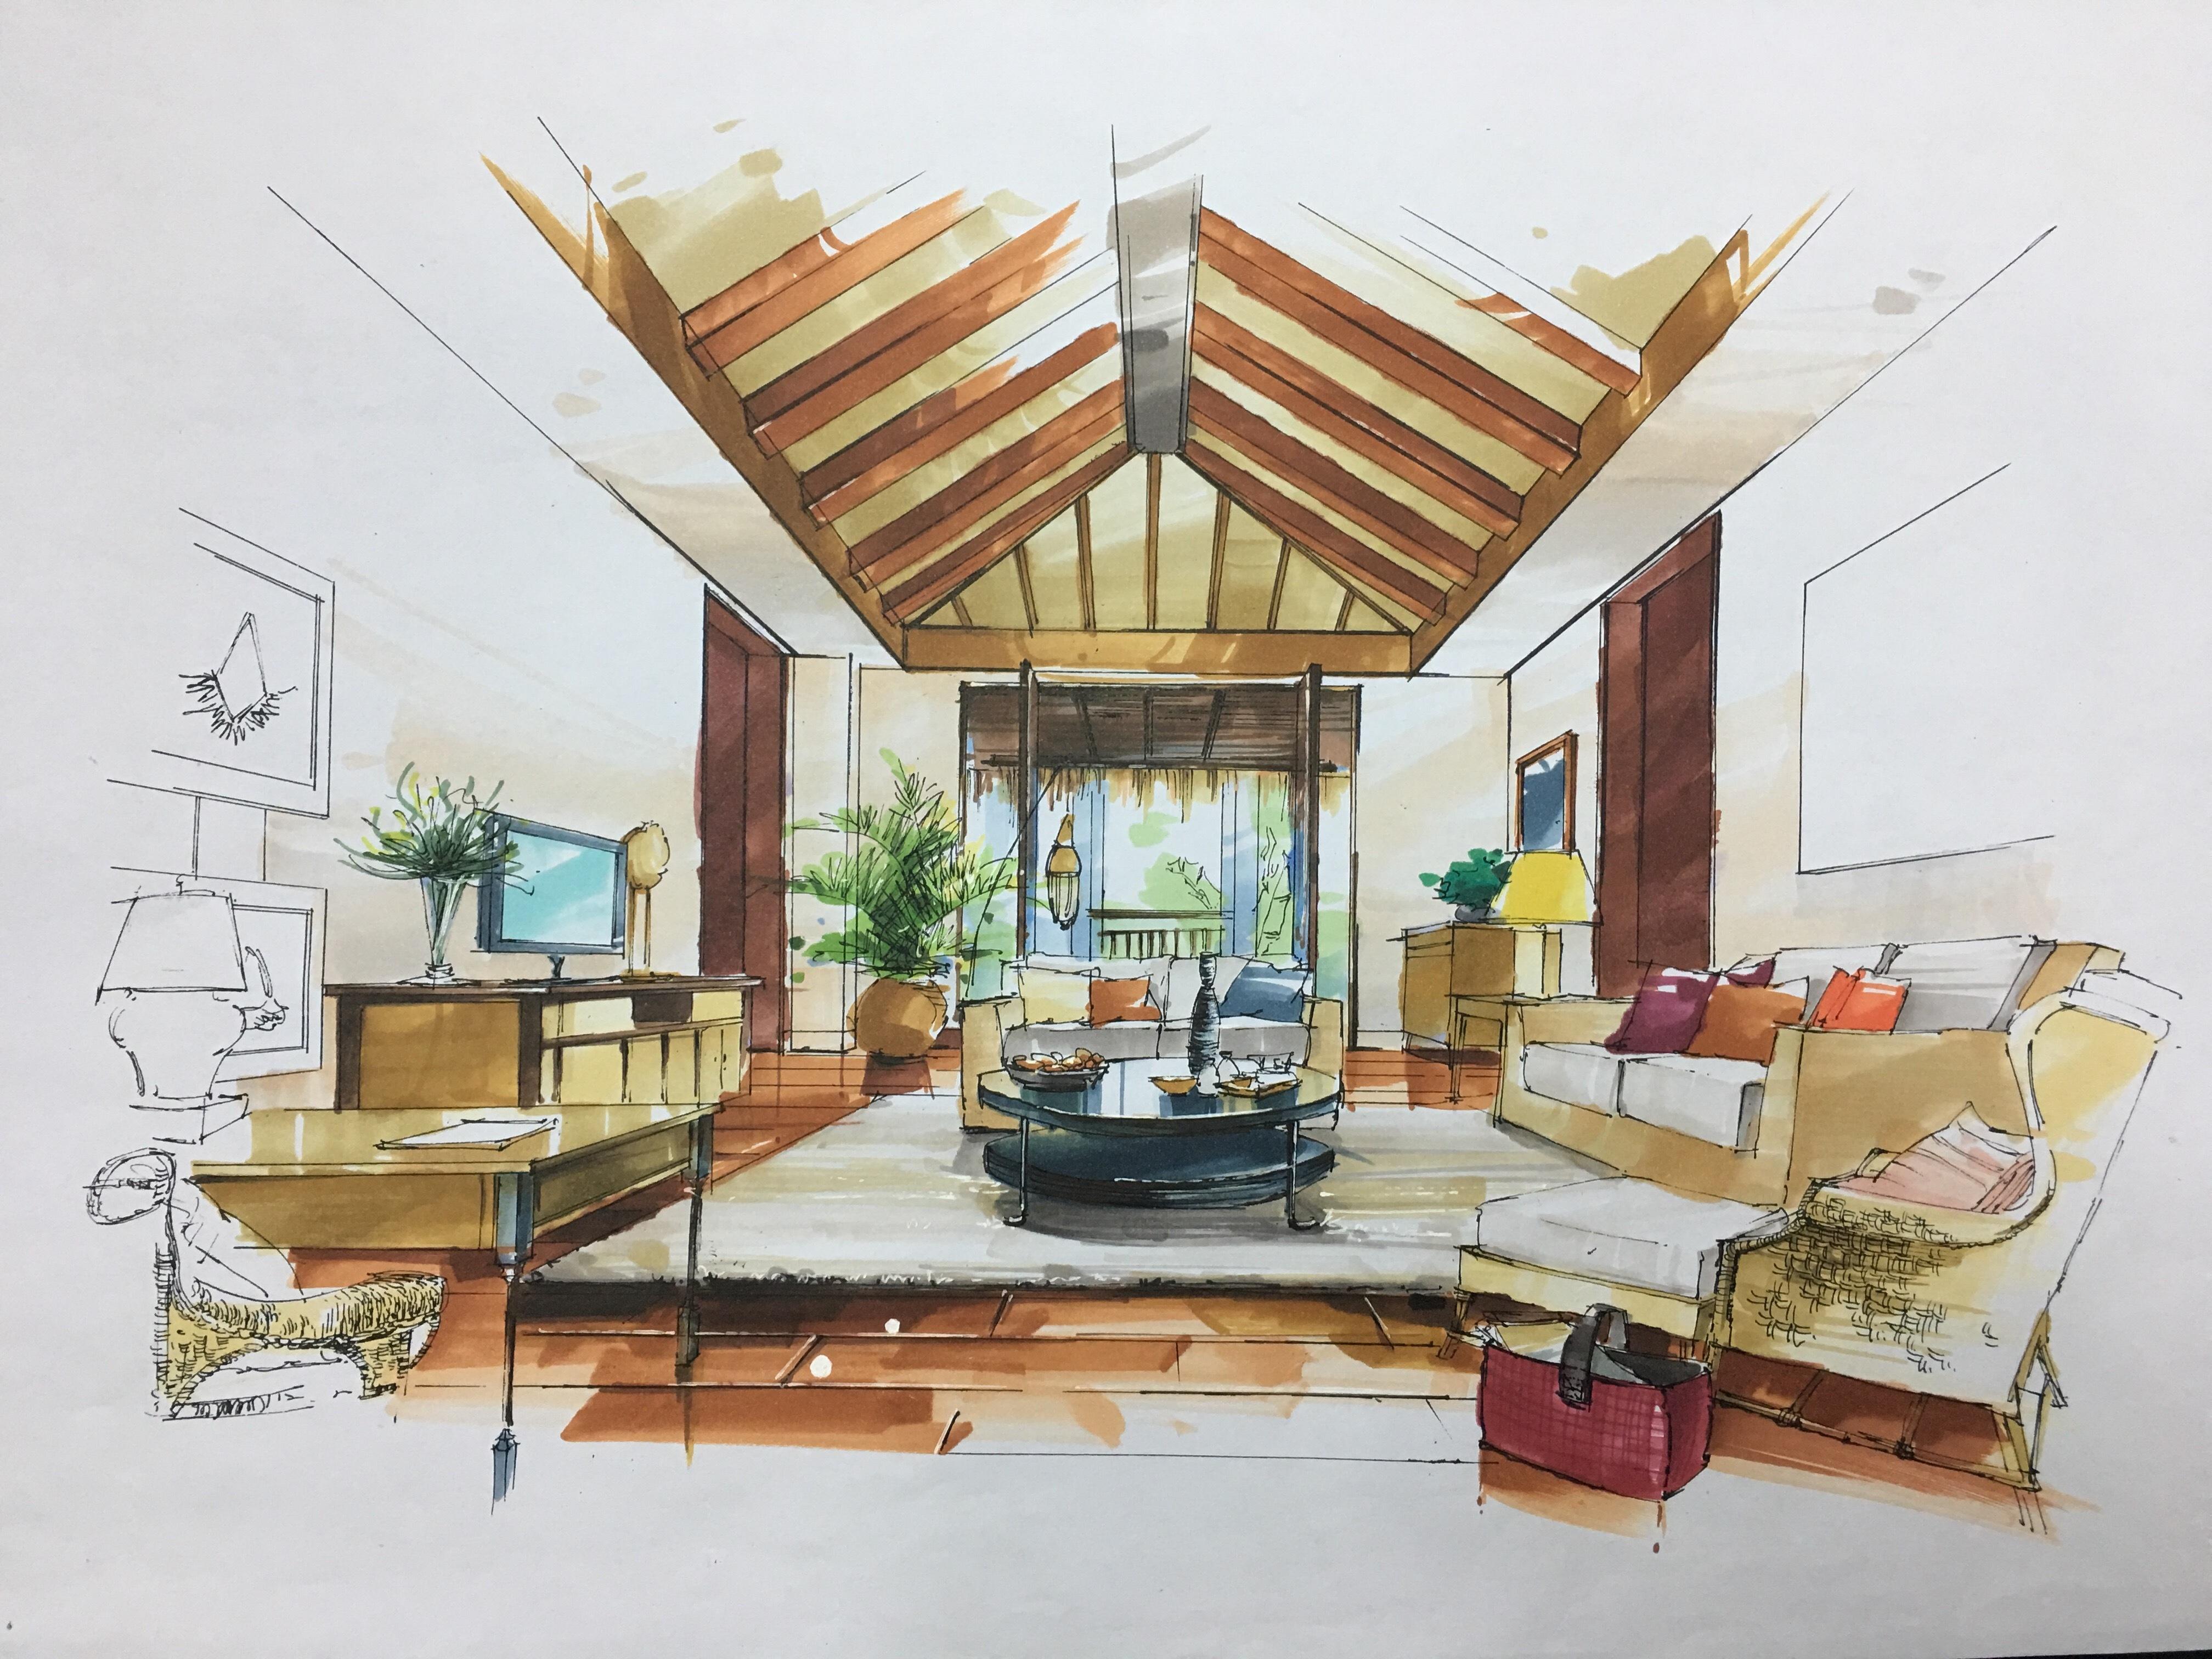 马克笔室内手绘效果图写生&临摹|空间|室内设计|purz